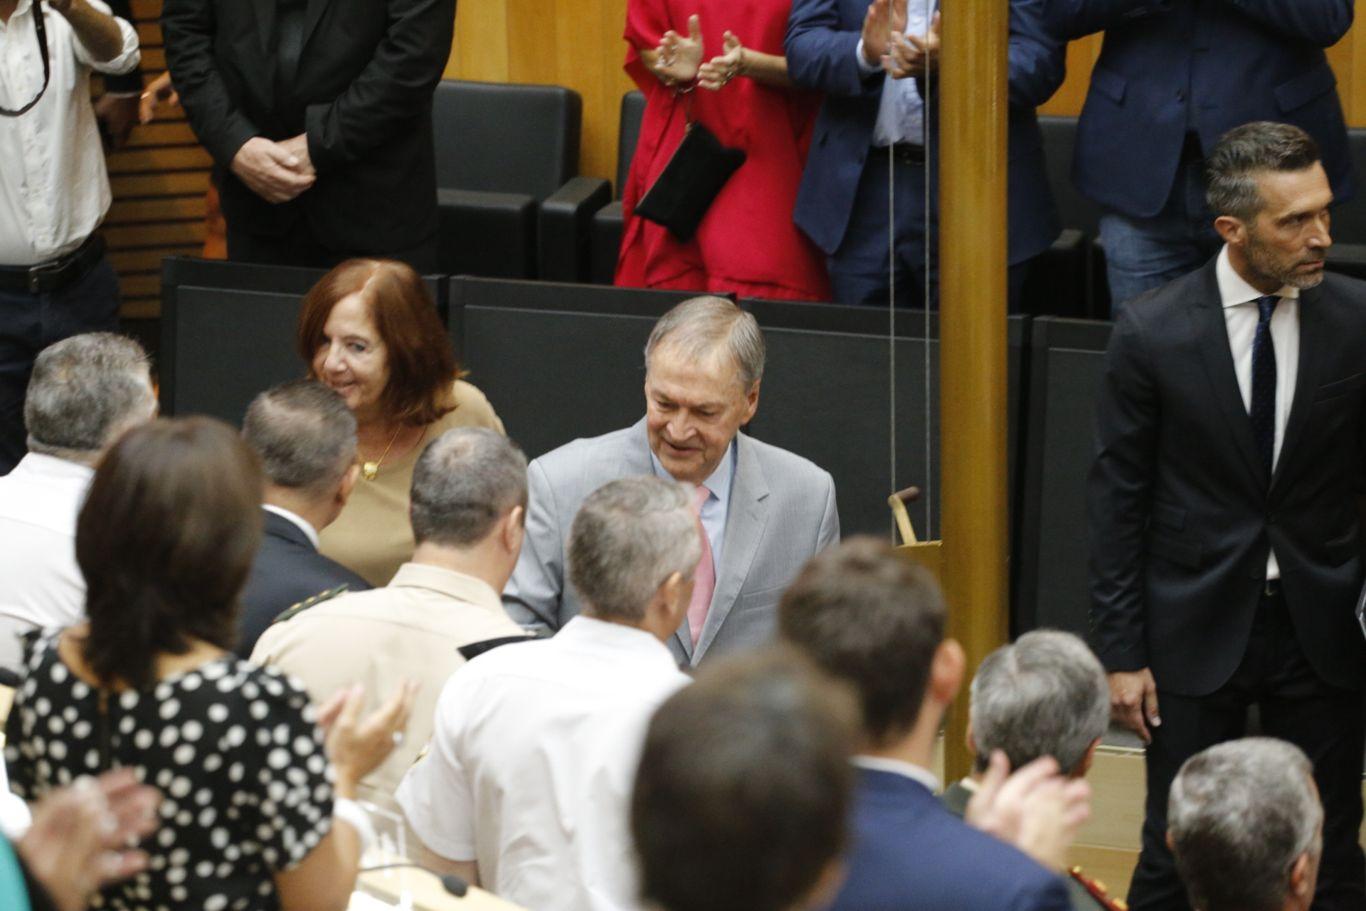 Schisretti Legislatura inicio de sesiones 2020 by Imaz